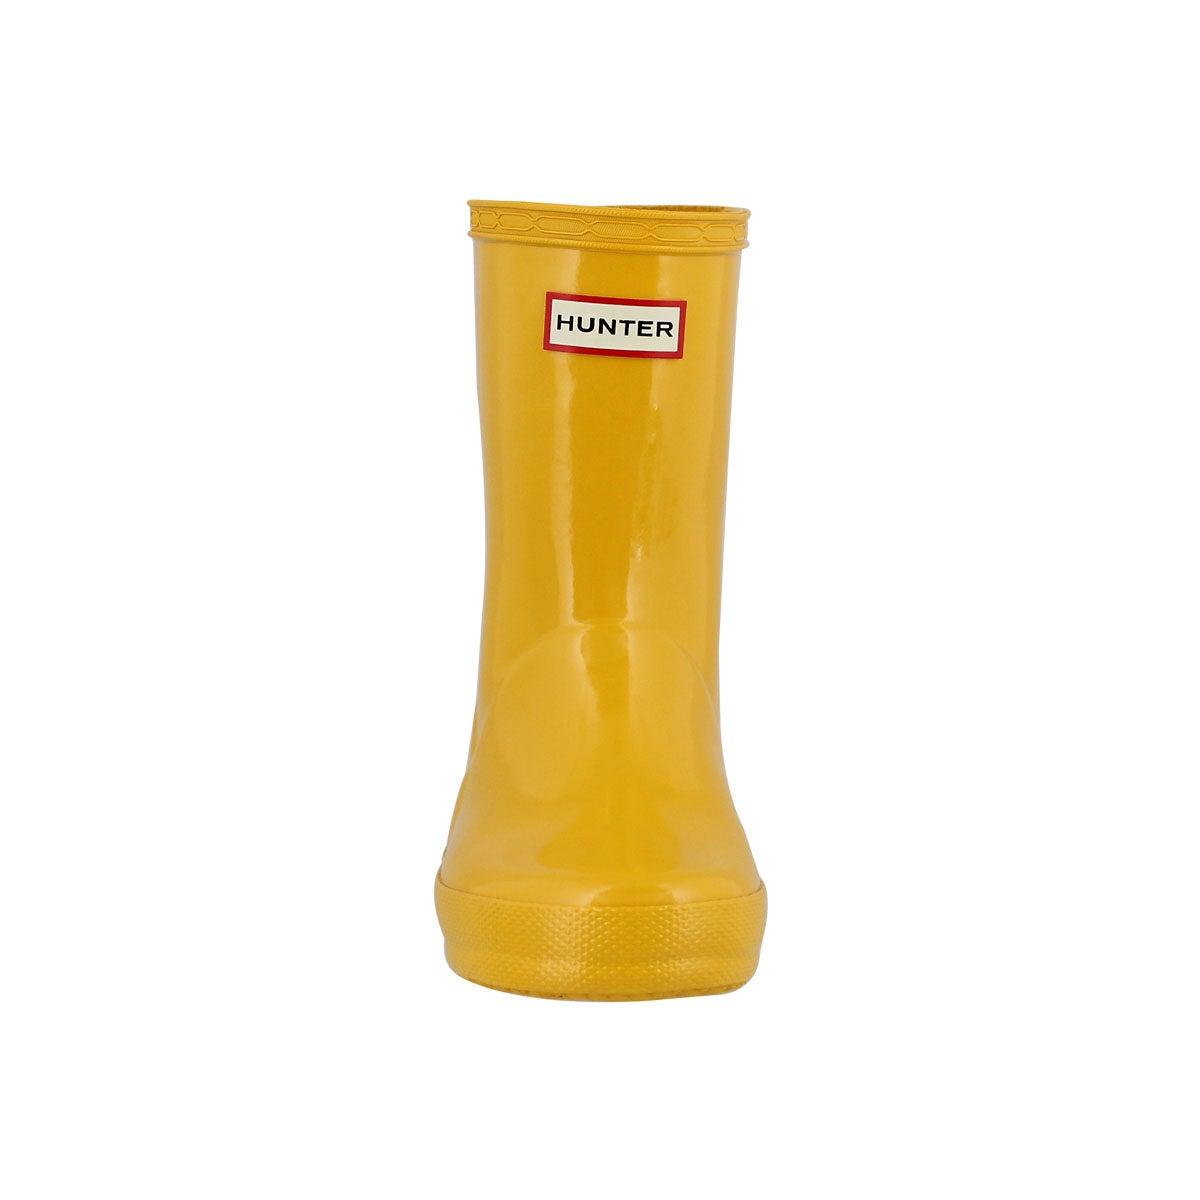 Infs First Classic Gloss ylw rain boot